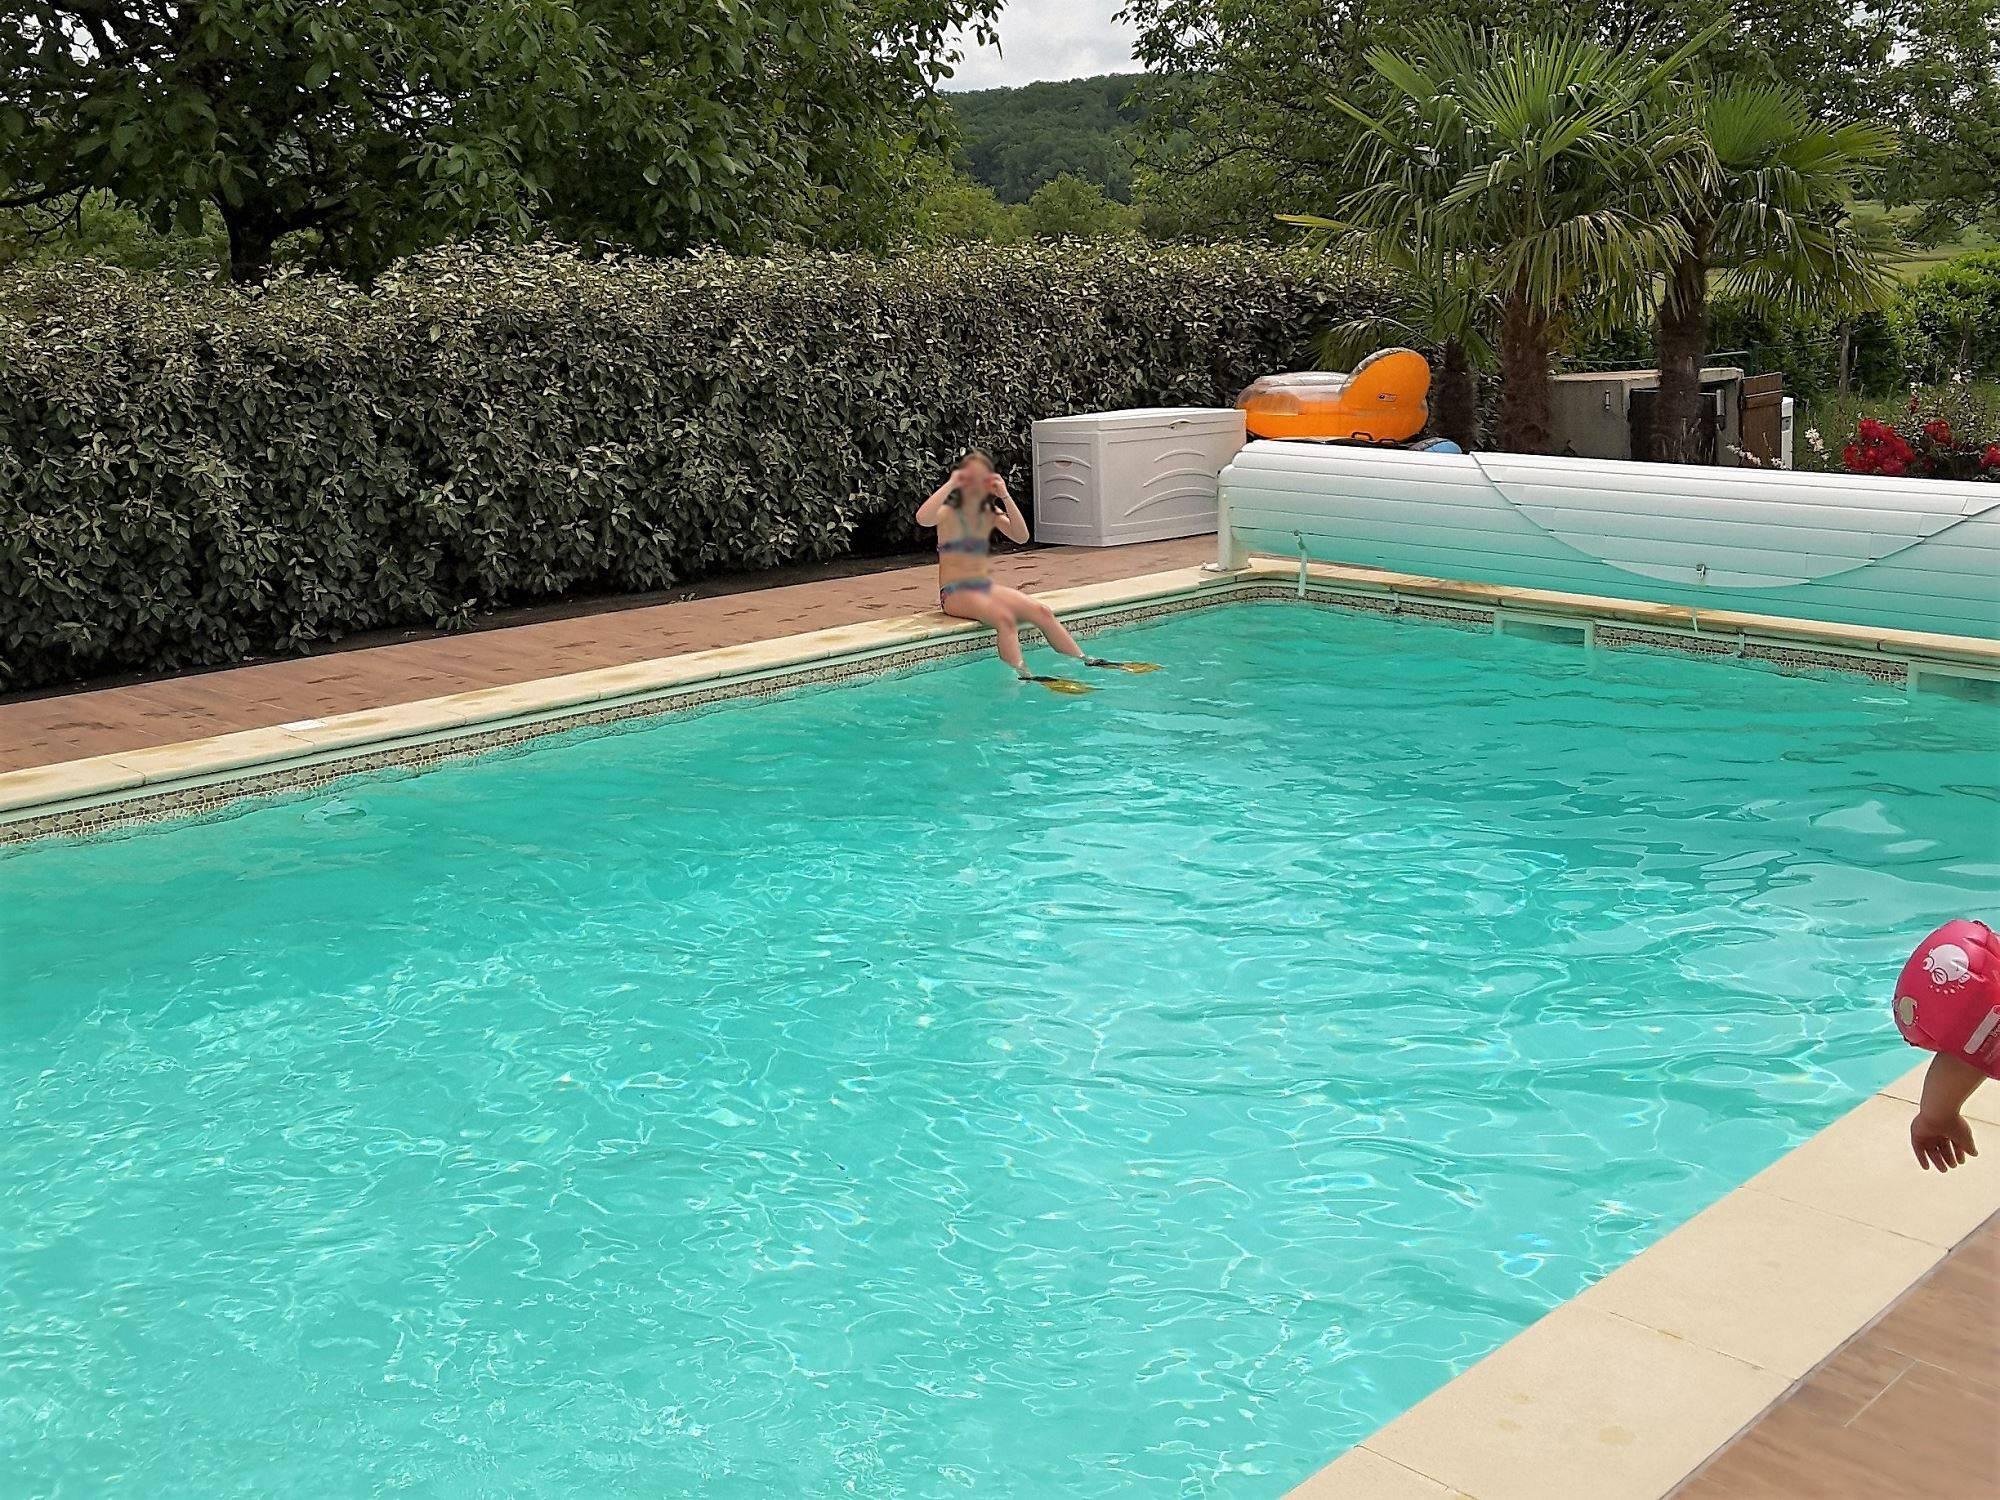 Filtre Piscine Lave Vaisselle a louer maison t3 avec terrasse, jardin et piscine